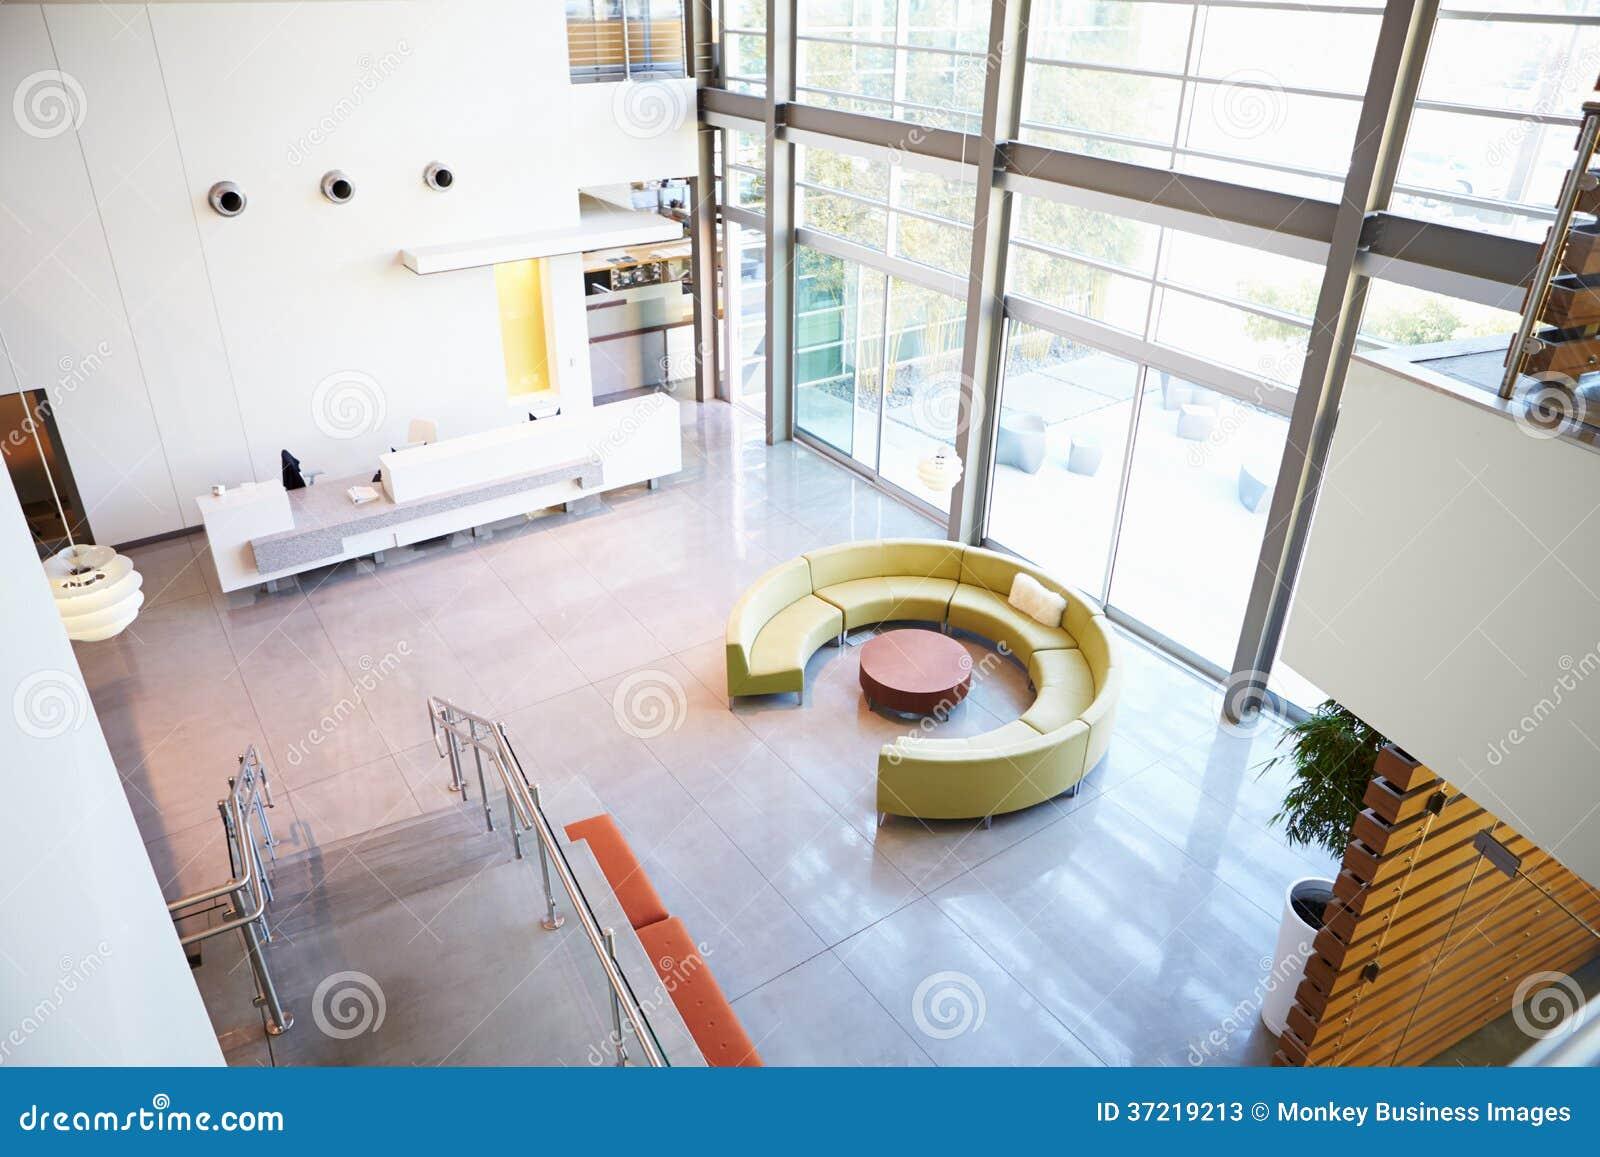 Zone d 39 accueil vide dans le bureau moderne image stock for Le bureau moderne